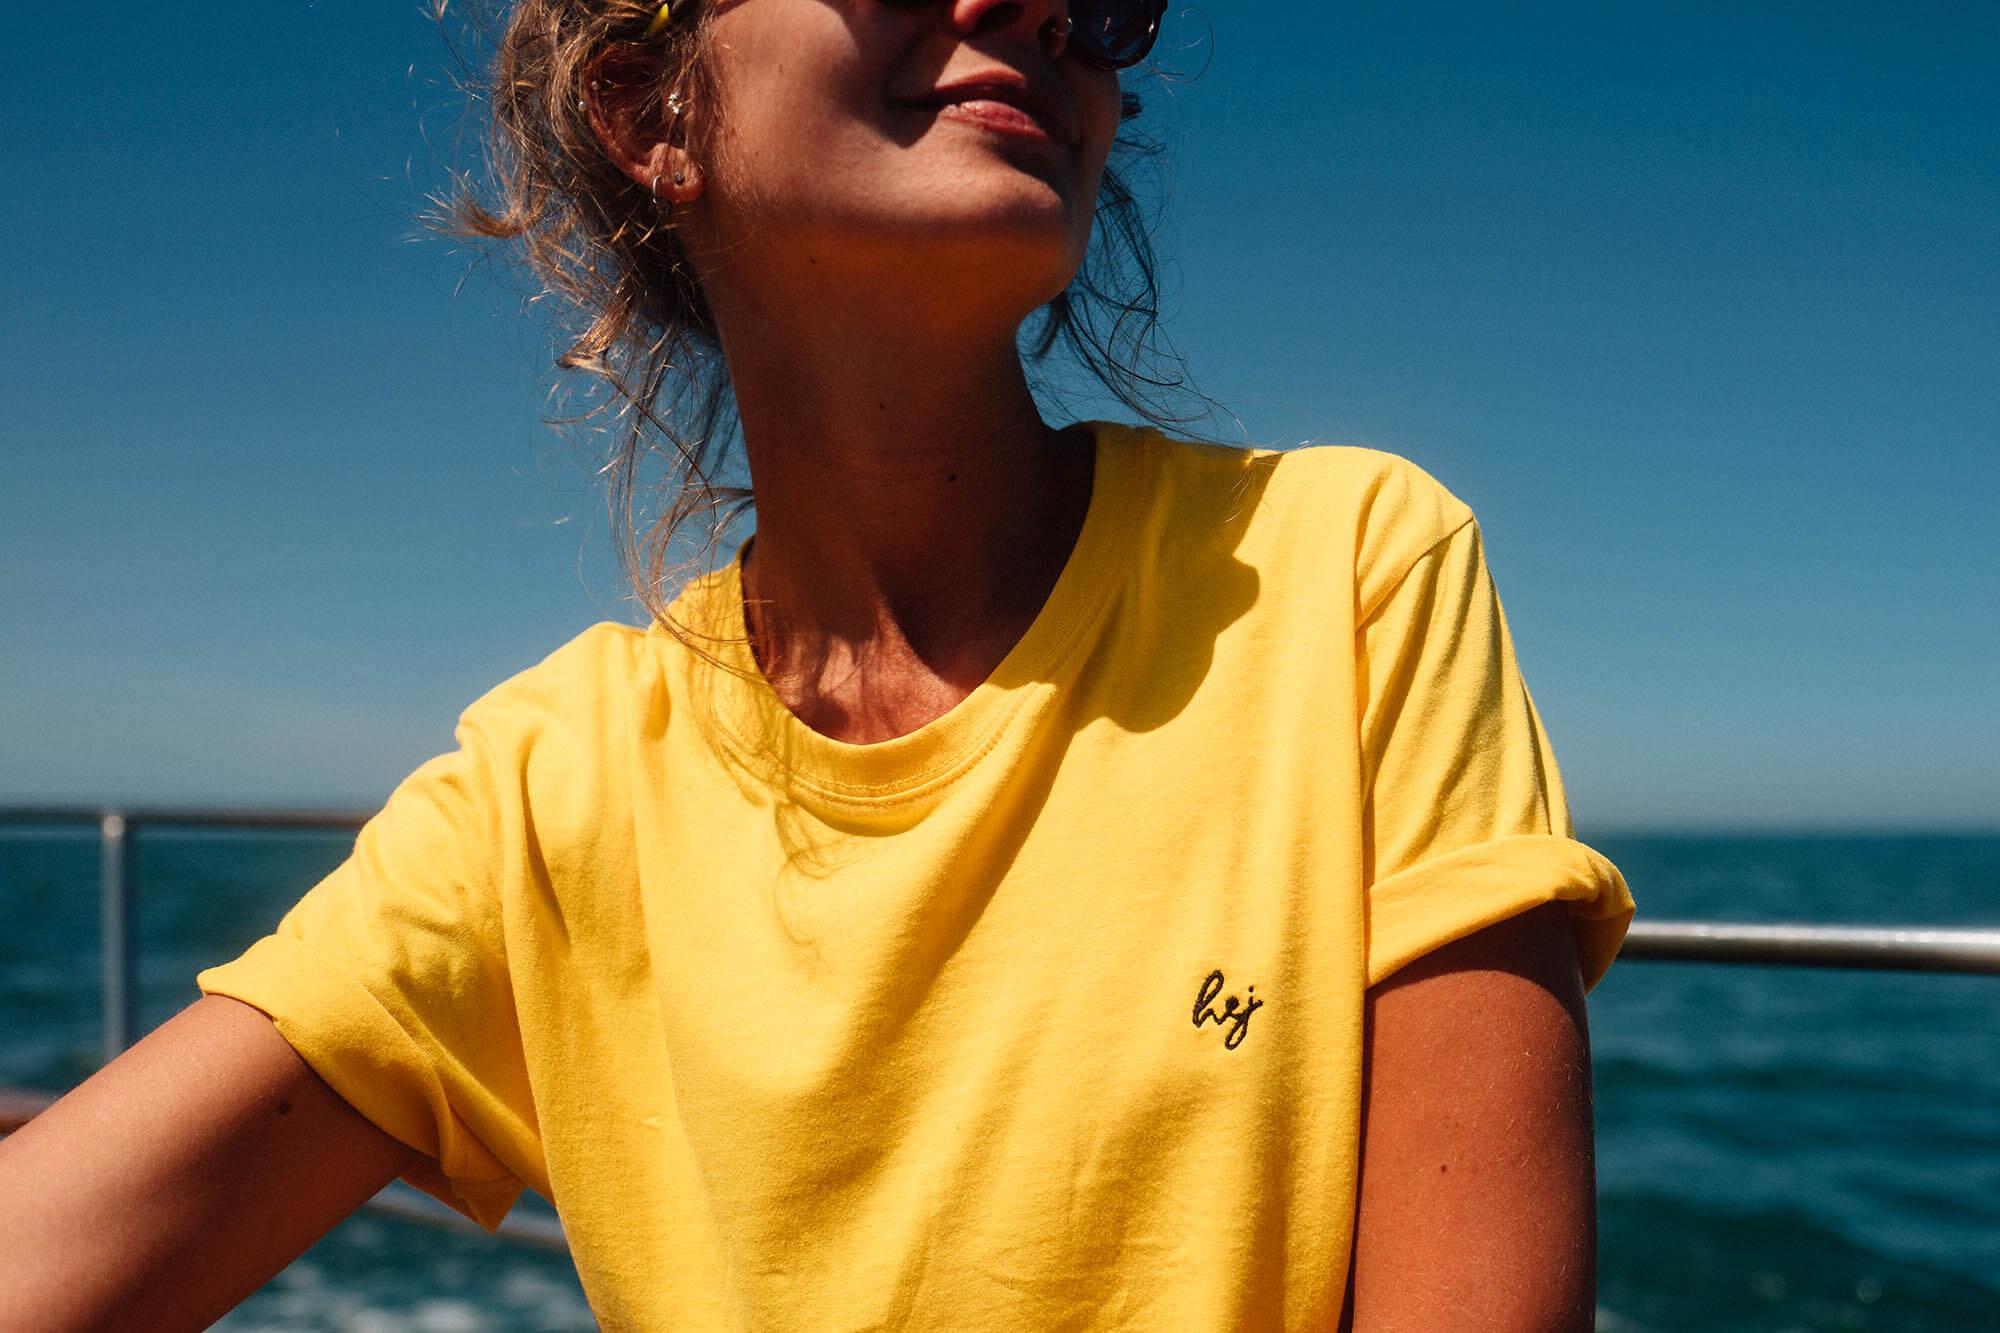 hejklamotten Gelbes T-Shirt